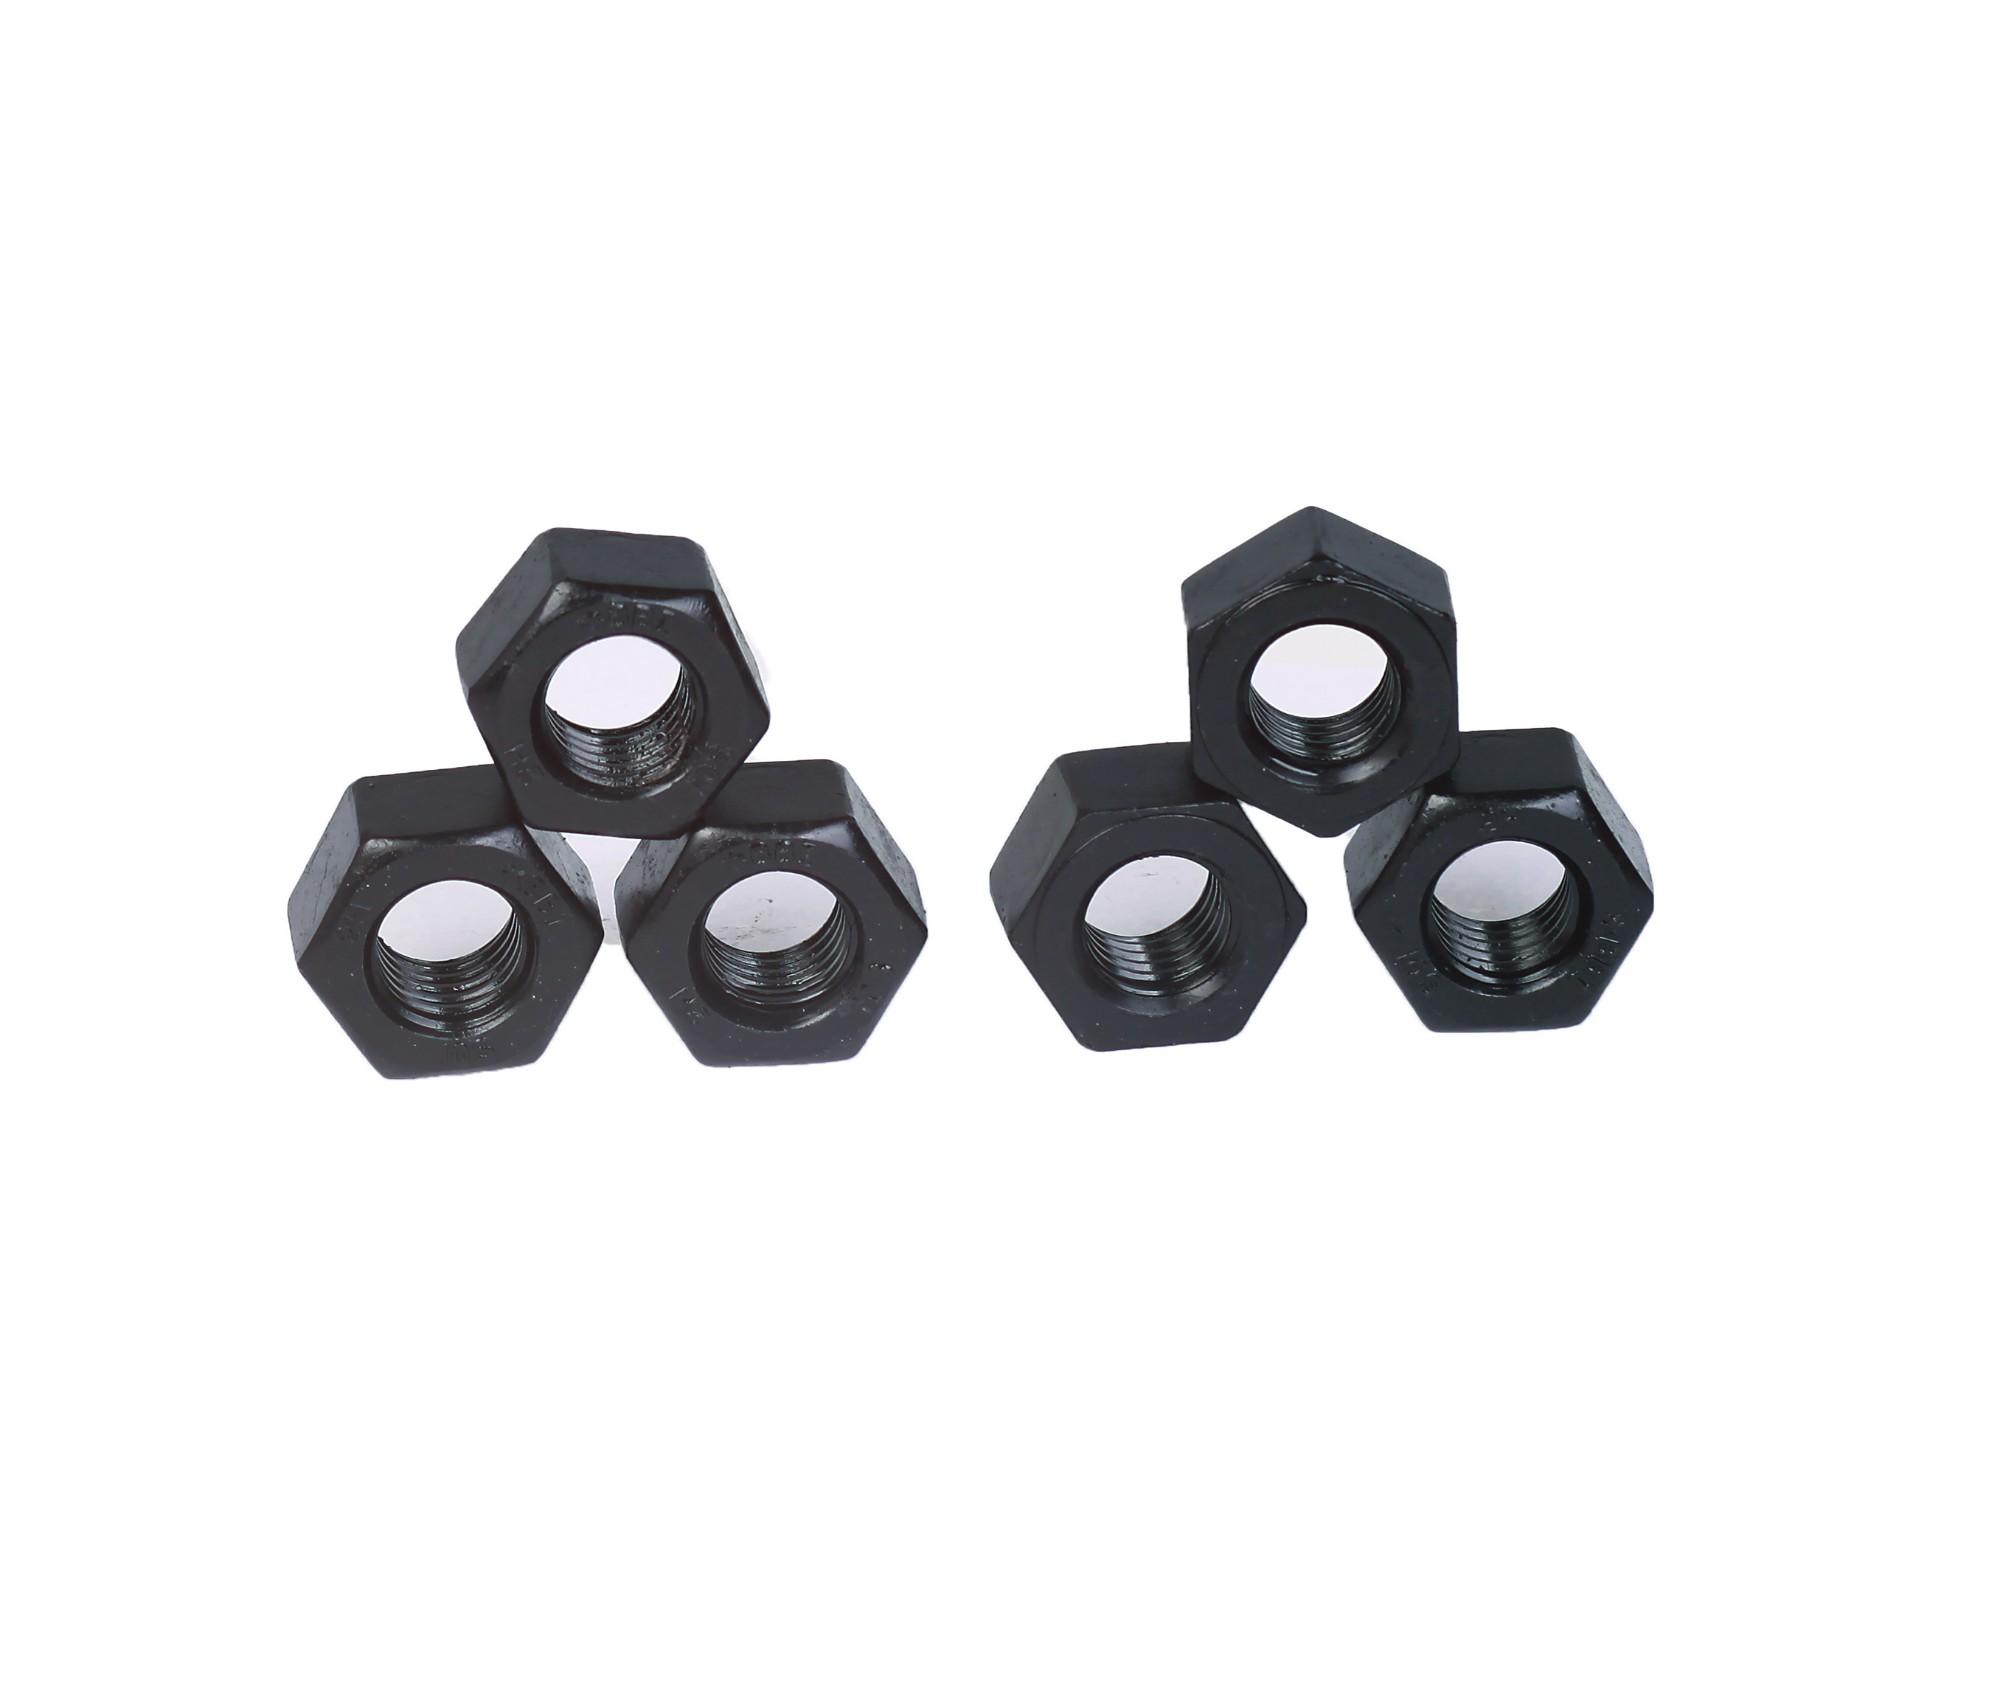 ซื้อASTM A194 เกรด 2H HDG สีดำ ผลิต,ASTM A194 เกรด 2H HDG สีดำ ผลิตราคา,ASTM A194 เกรด 2H HDG สีดำ ผลิตแบรนด์,ASTM A194 เกรด 2H HDG สีดำ ผลิตผู้ผลิต,ASTM A194 เกรด 2H HDG สีดำ ผลิตสภาวะตลาด,ASTM A194 เกรด 2H HDG สีดำ ผลิตบริษัท